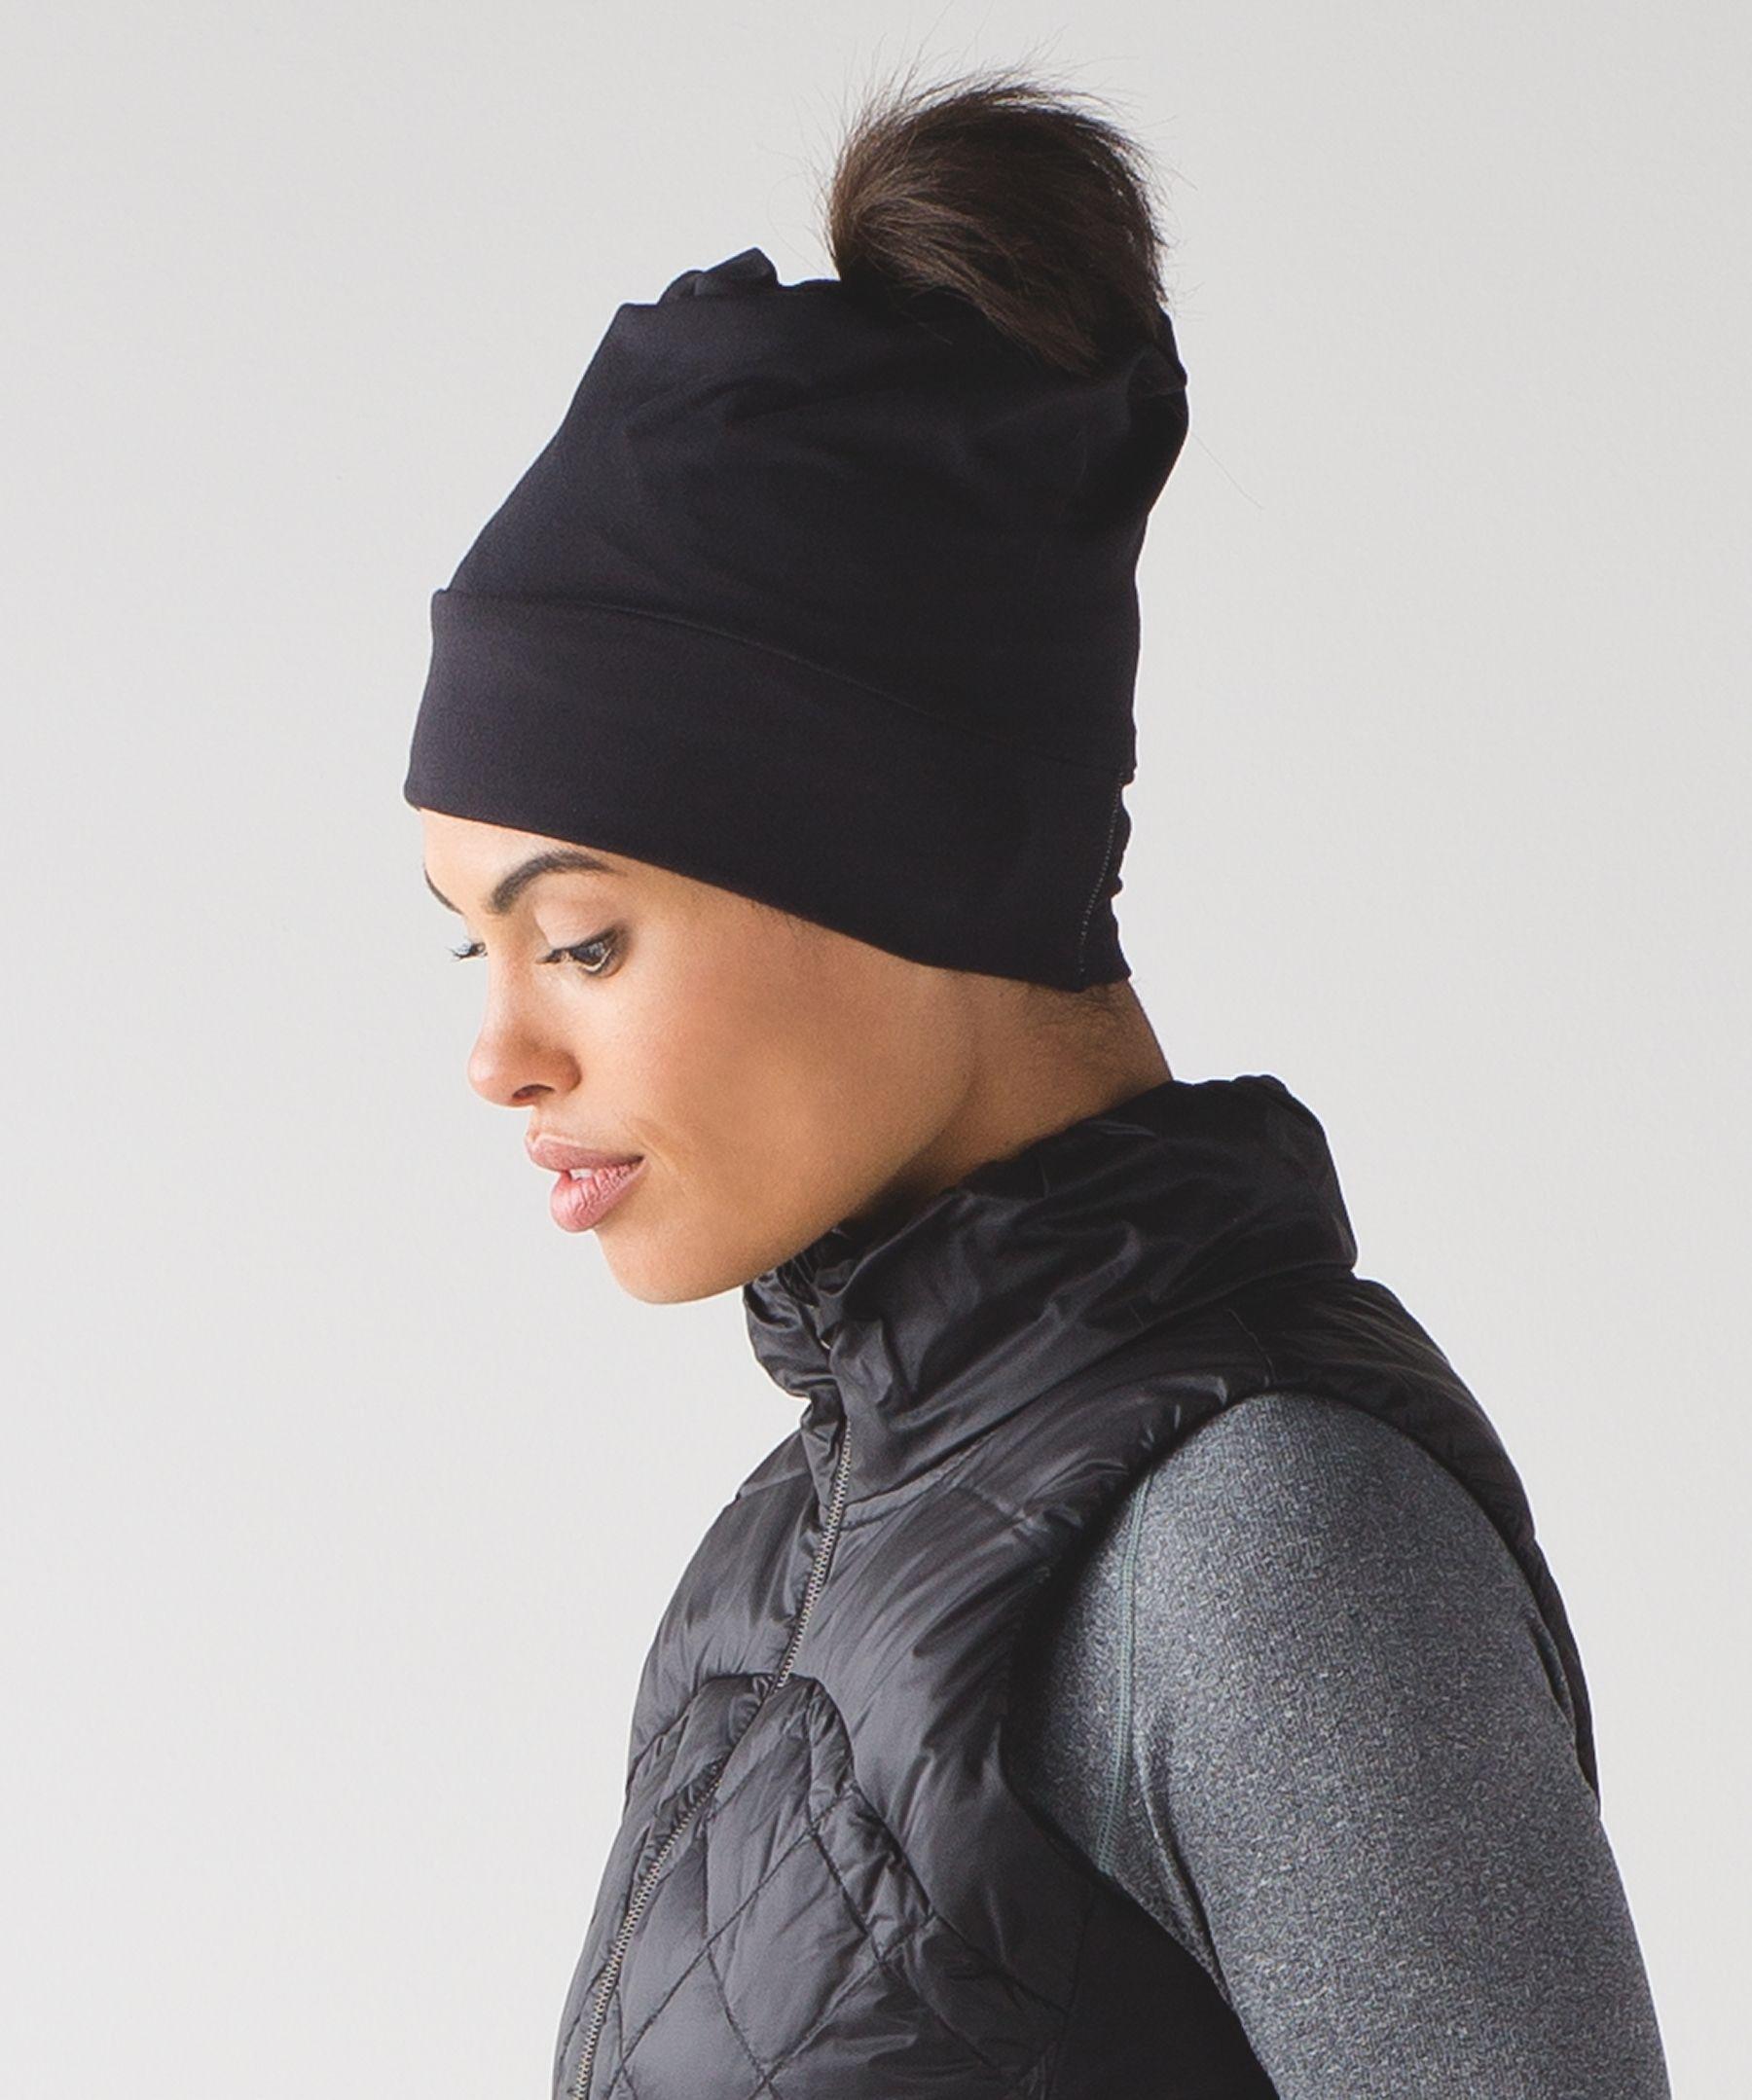 6cc58d44799 Women s Beanie Hat - (Black) - Top Knot Toque - lululemon